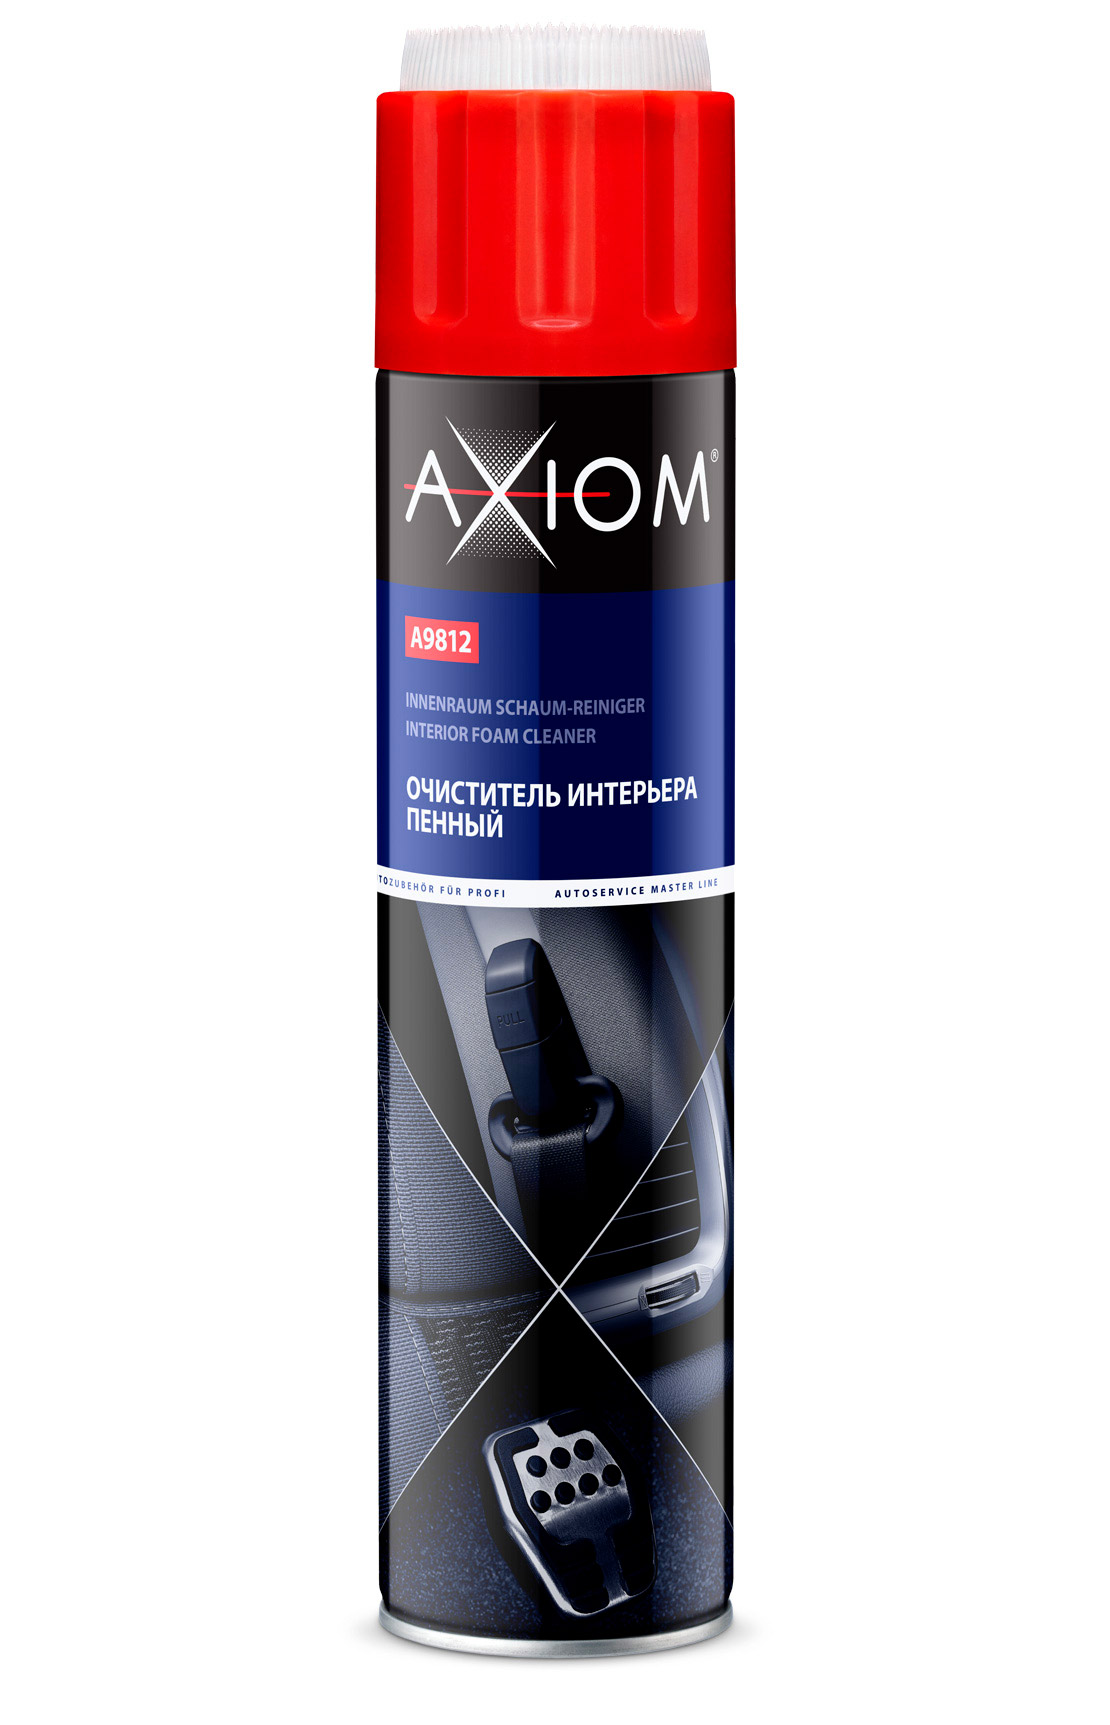 Очиститель интерьера пенный AXIOM